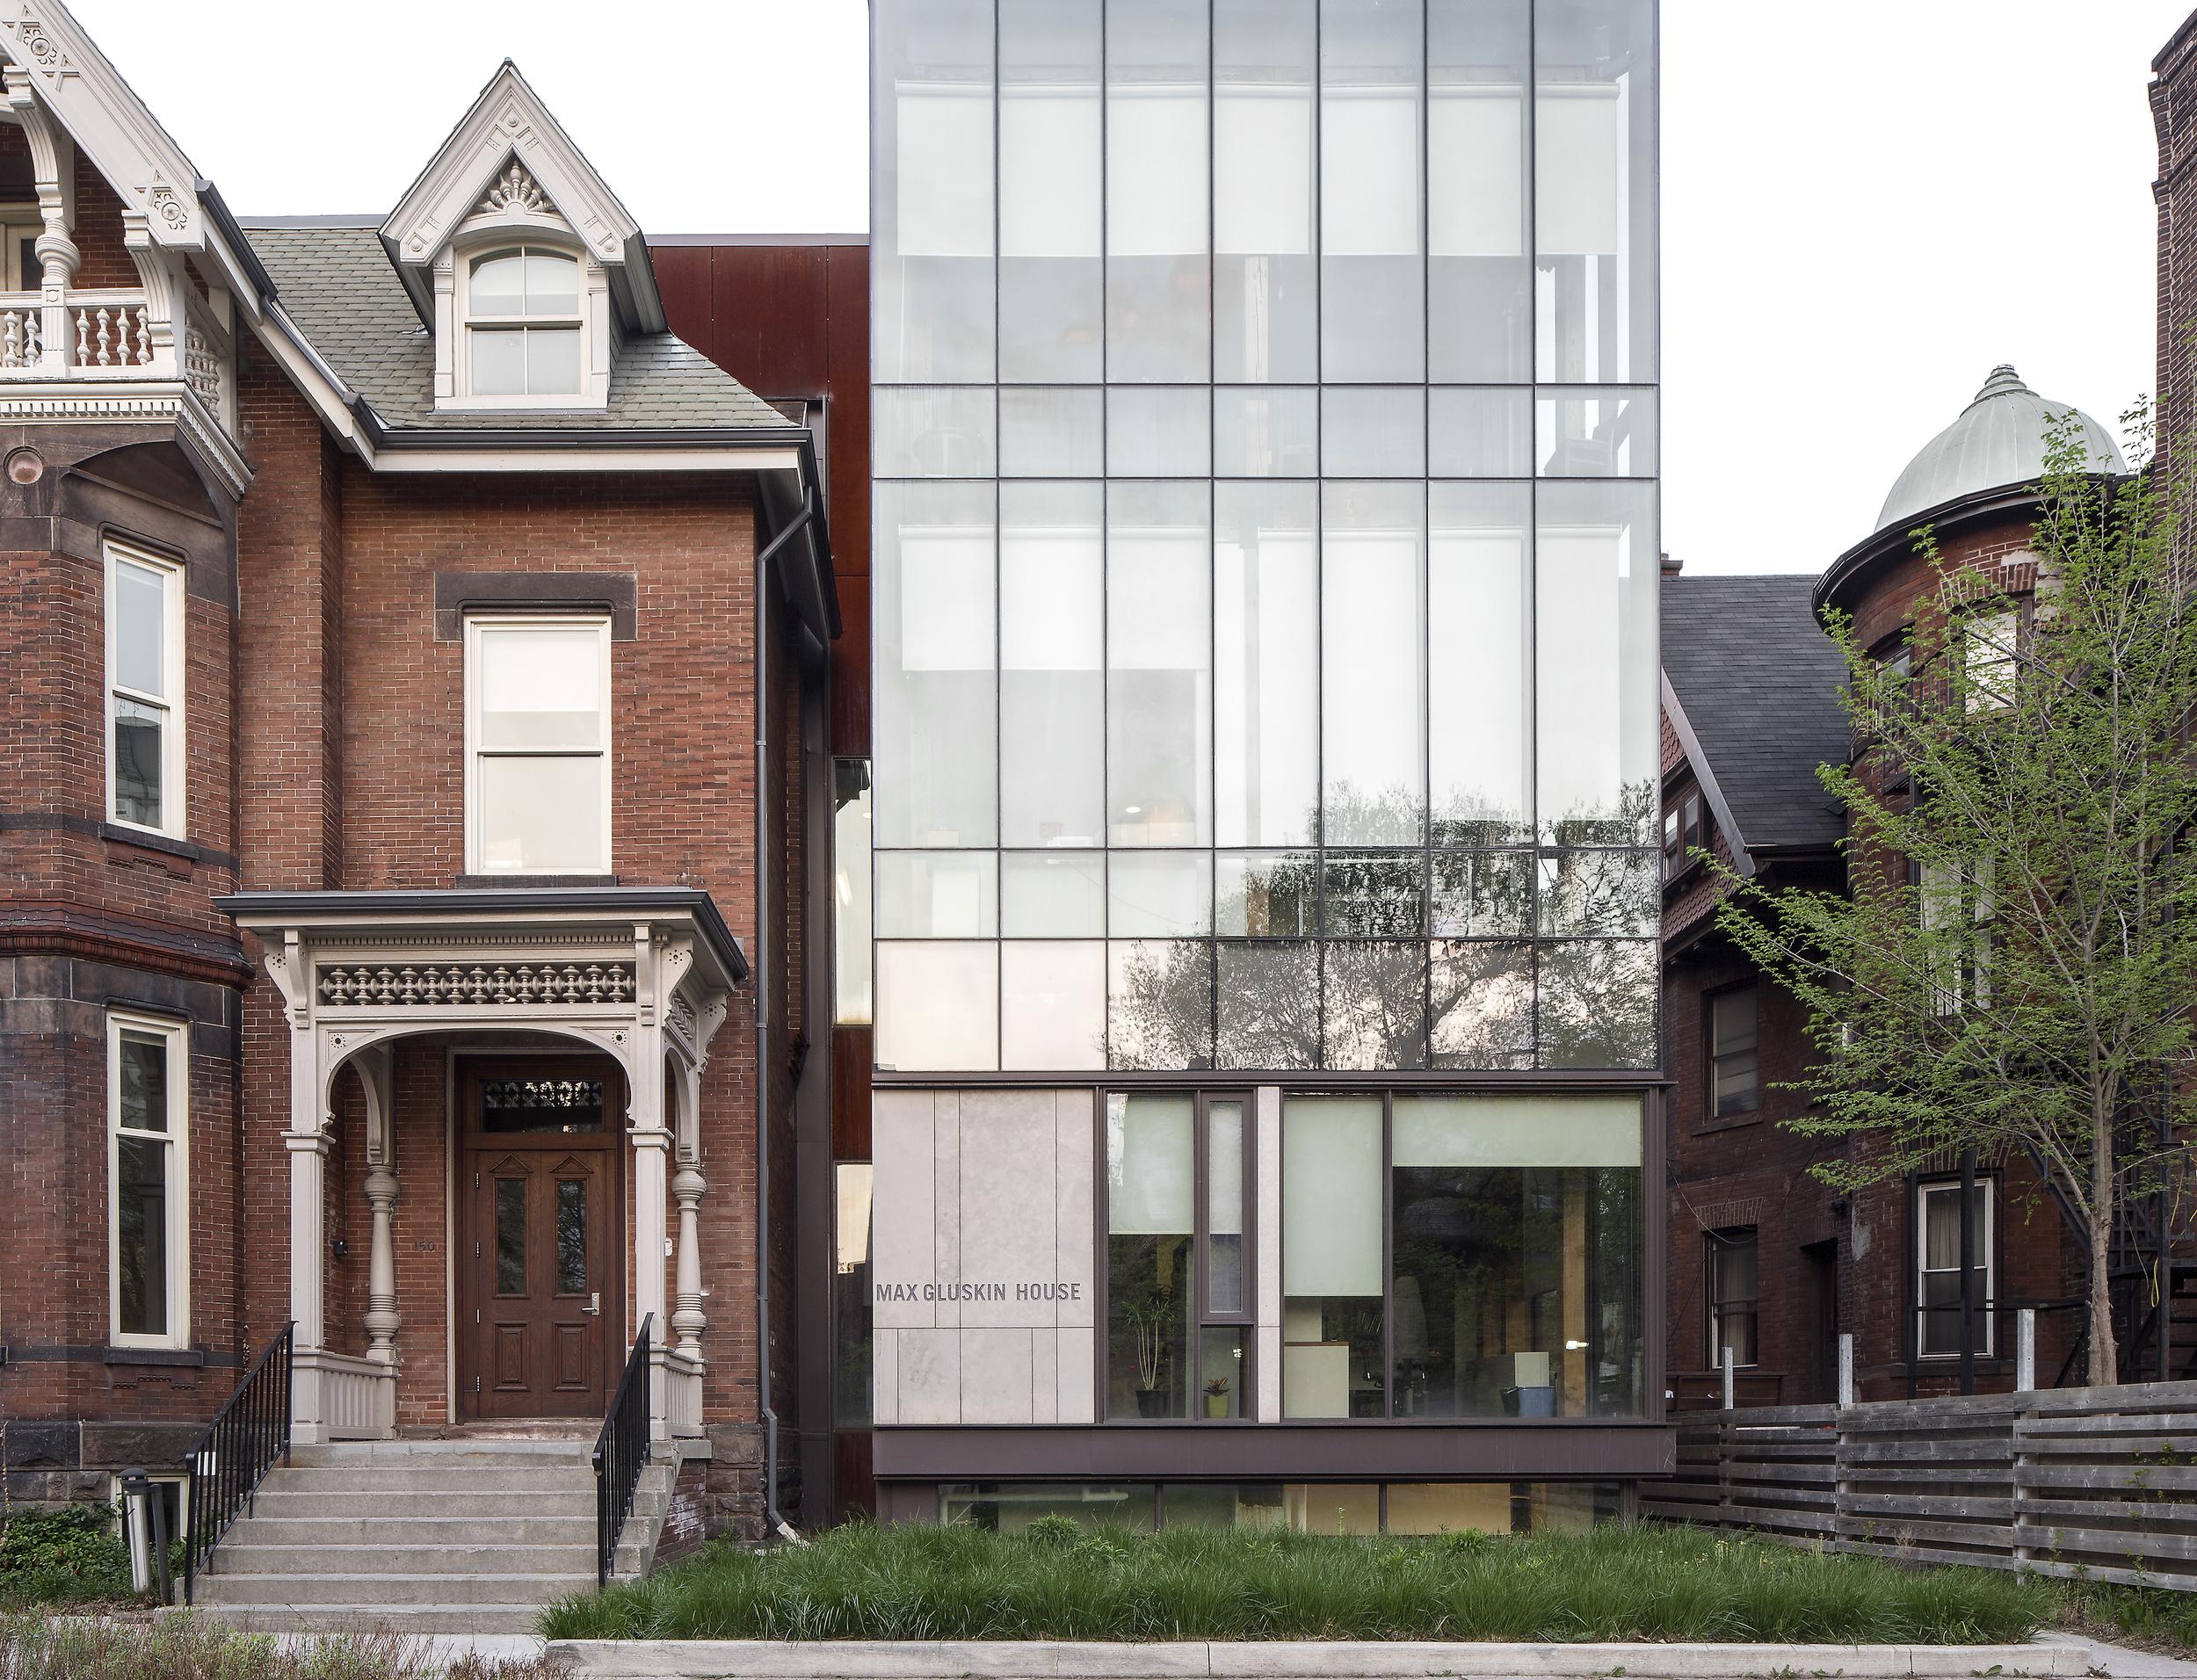 Max Gluskin House